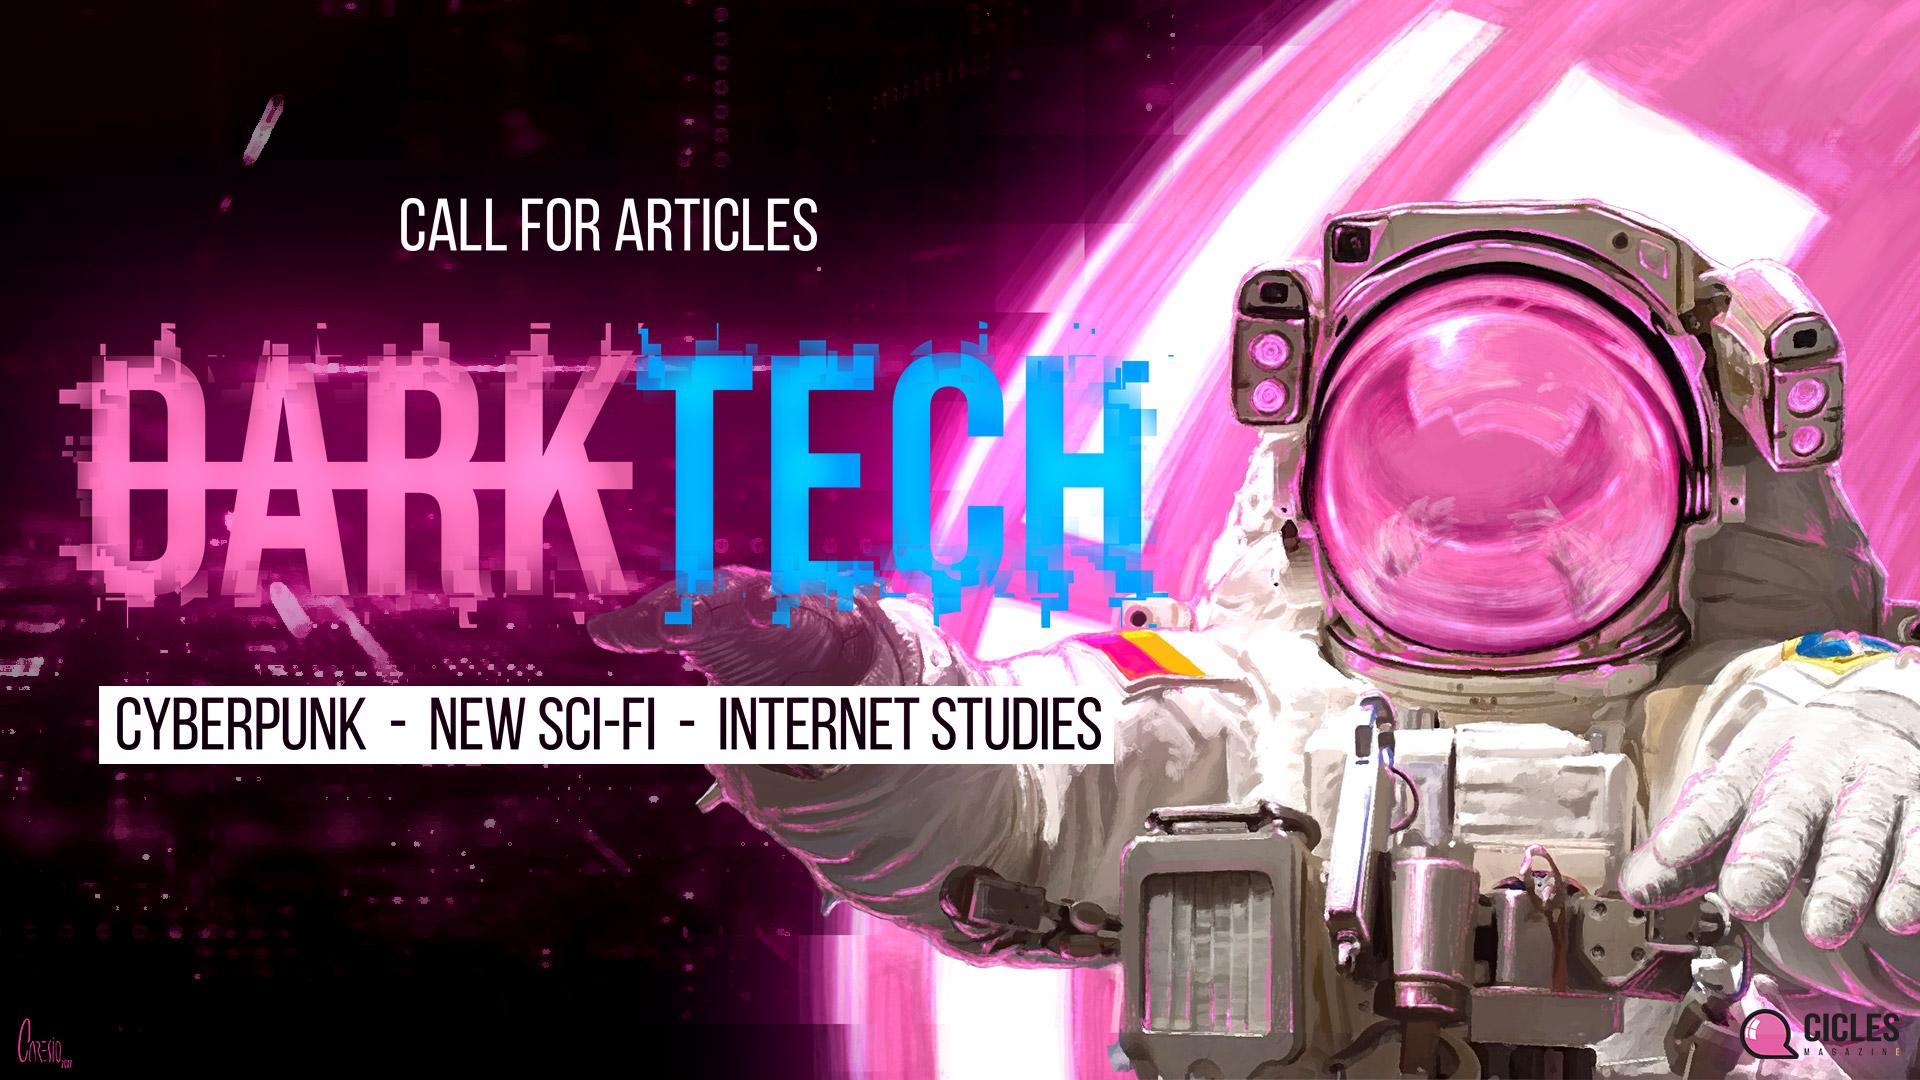 darktech